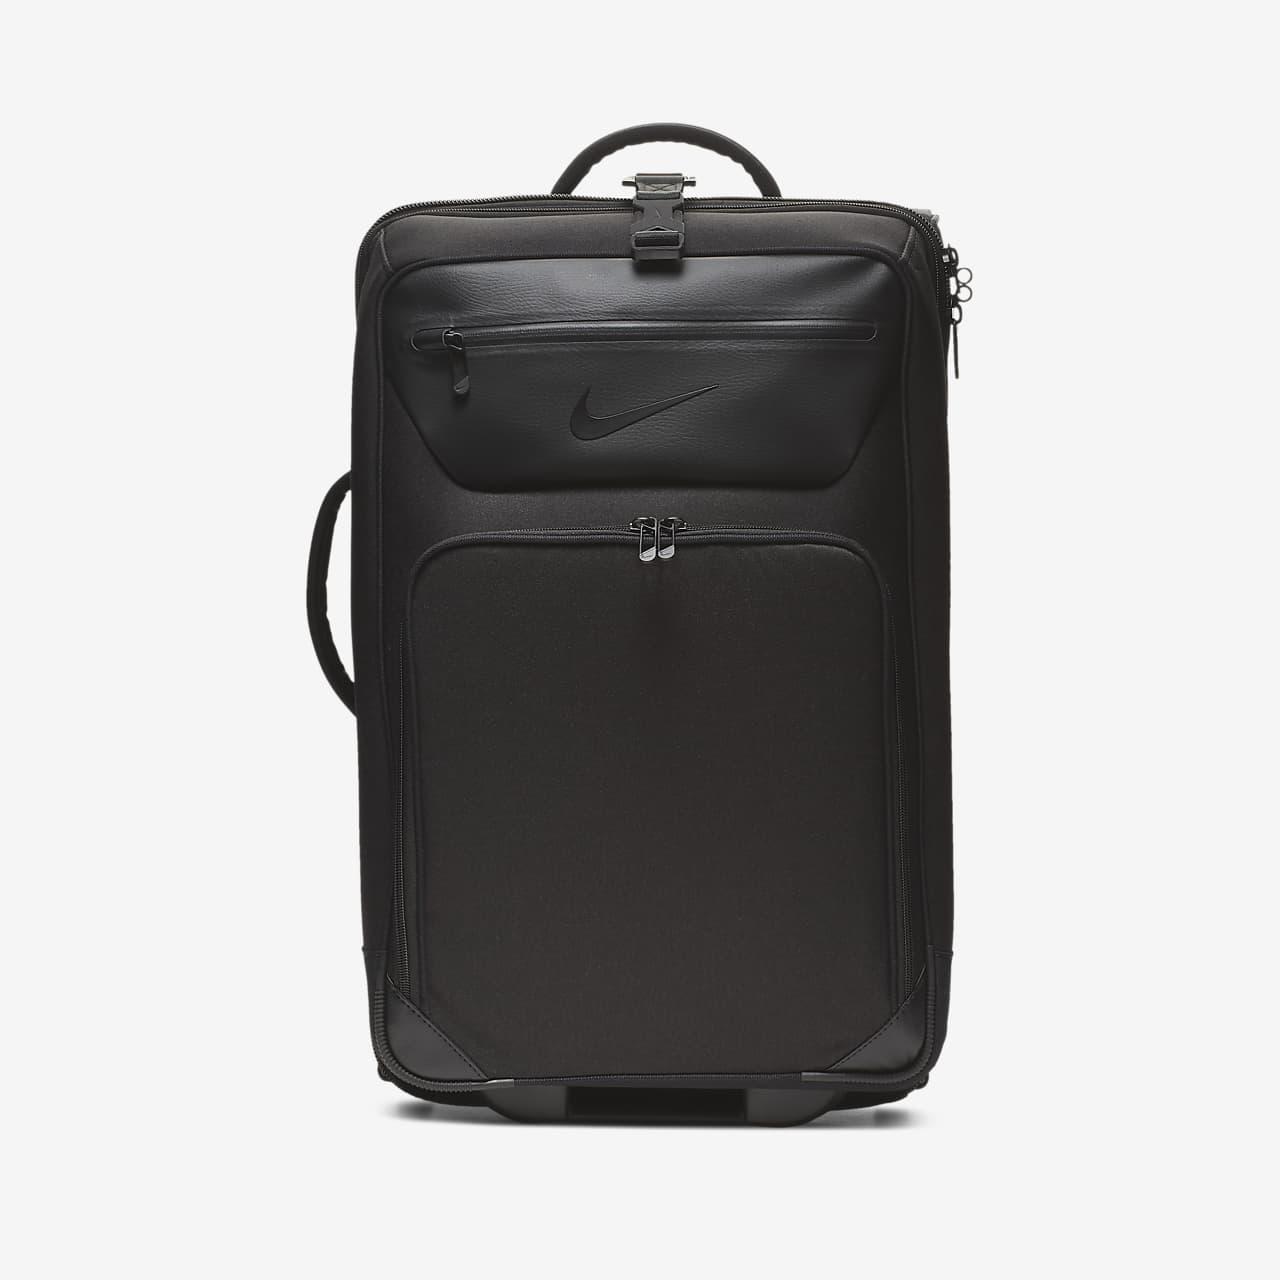 Väska Nike Departure Roller